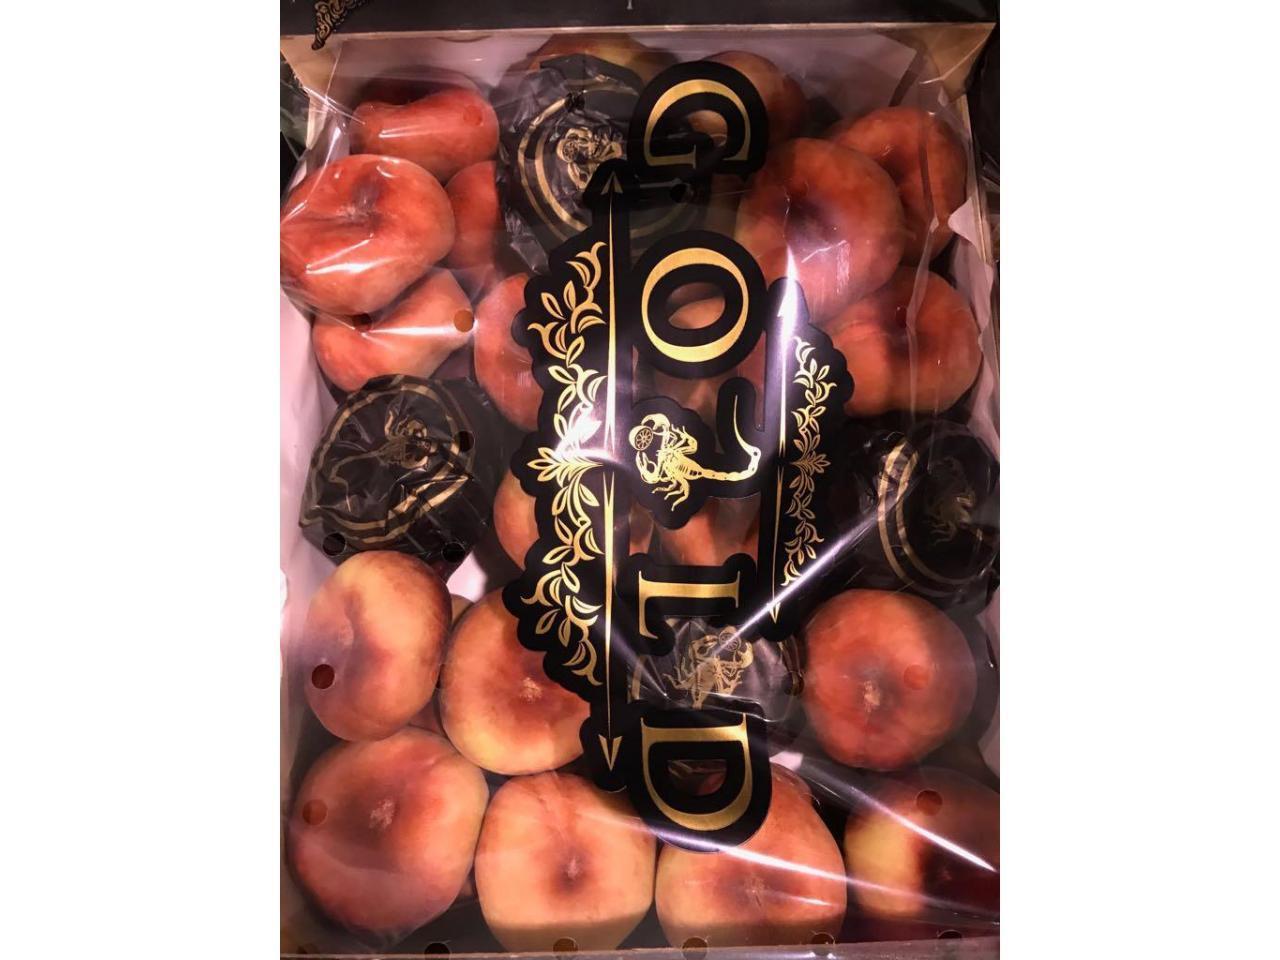 Продаем парагвайский персик из Испании - 2